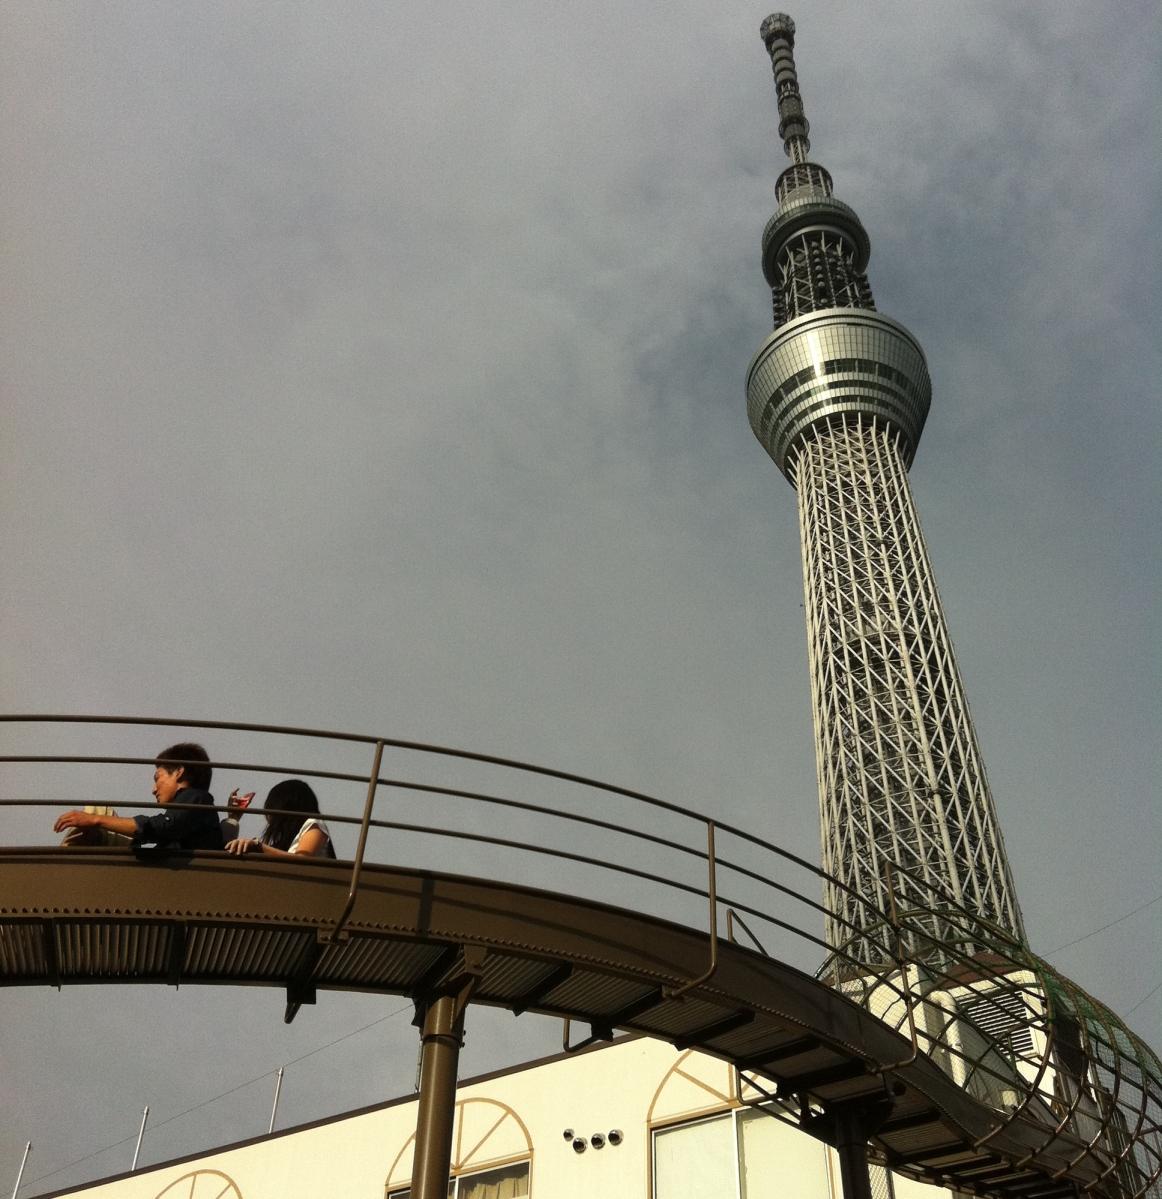 Tokyo Adventure Parks 子供用のアドベンチャー·パーク